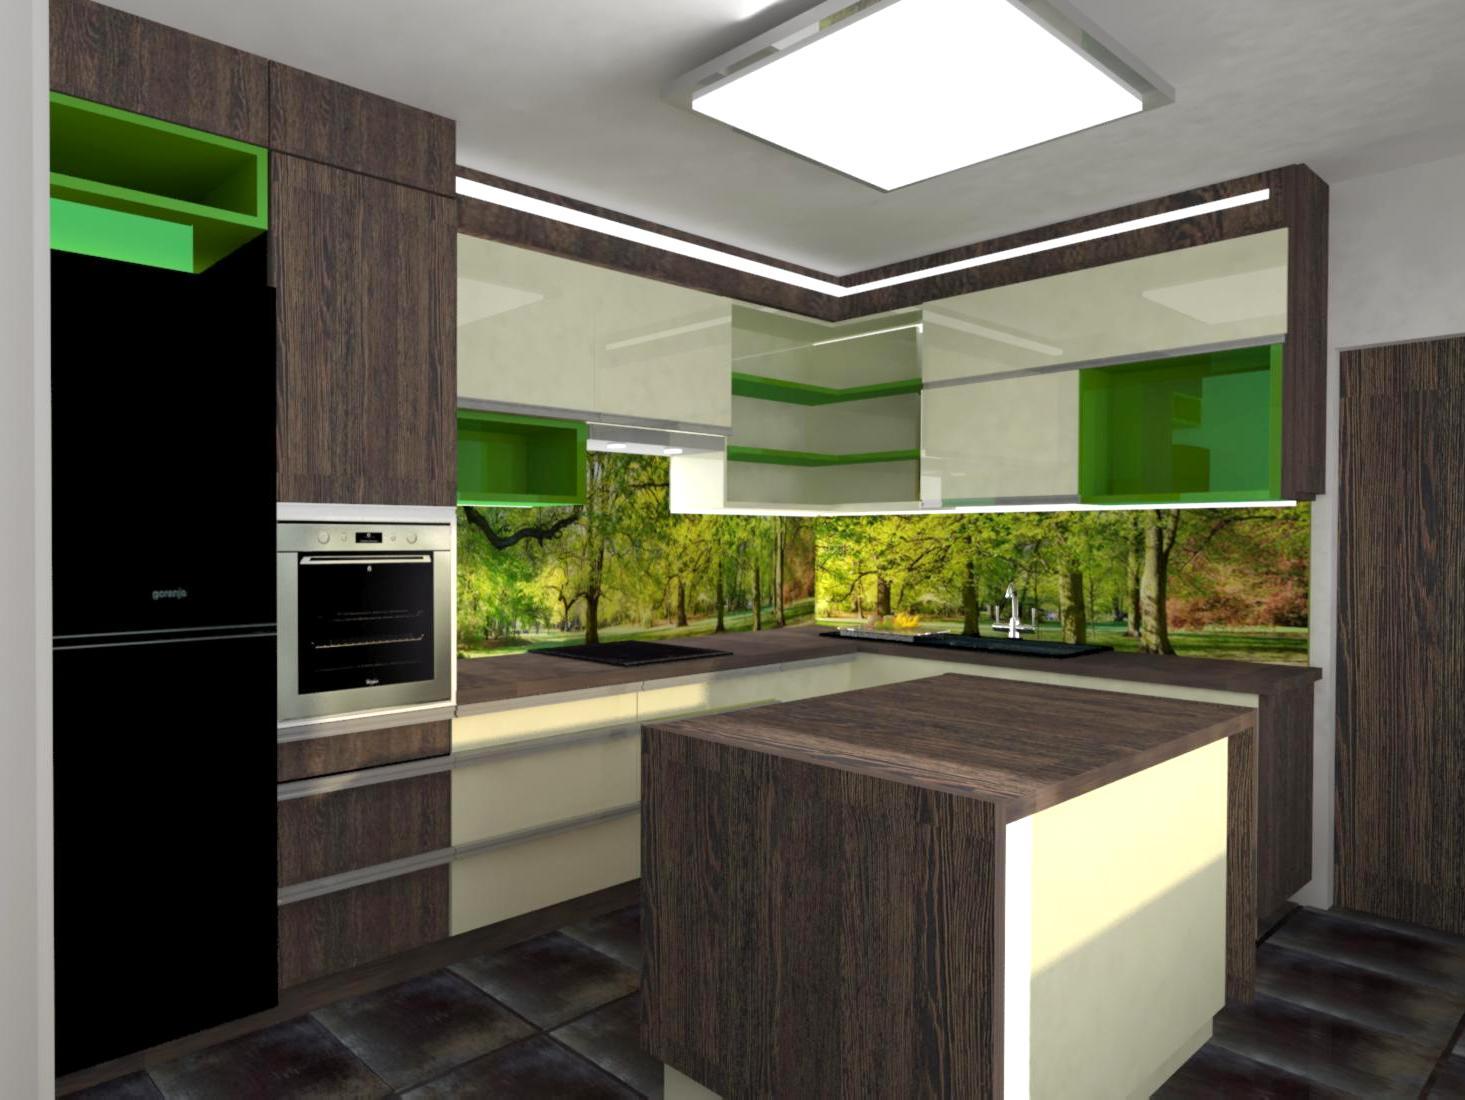 Kuchyň s fotosklem